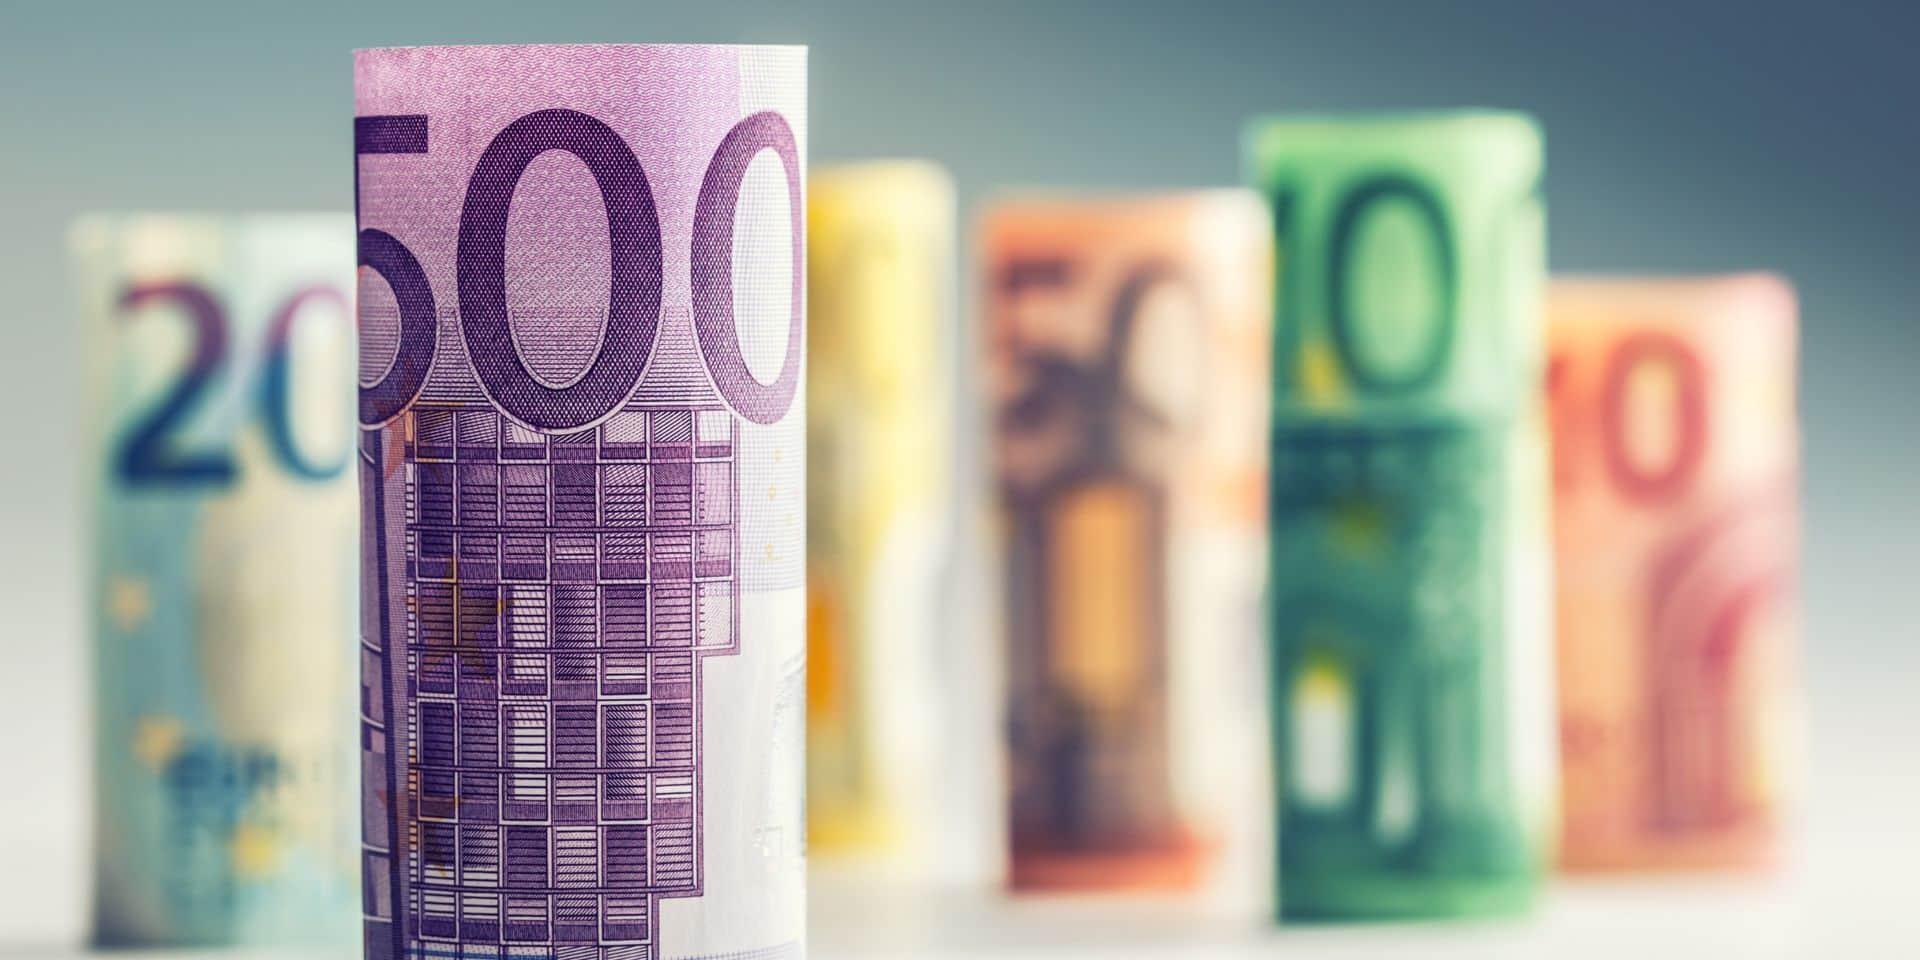 Près de 300 milliards d'euros sur les comptes épargne des Belges